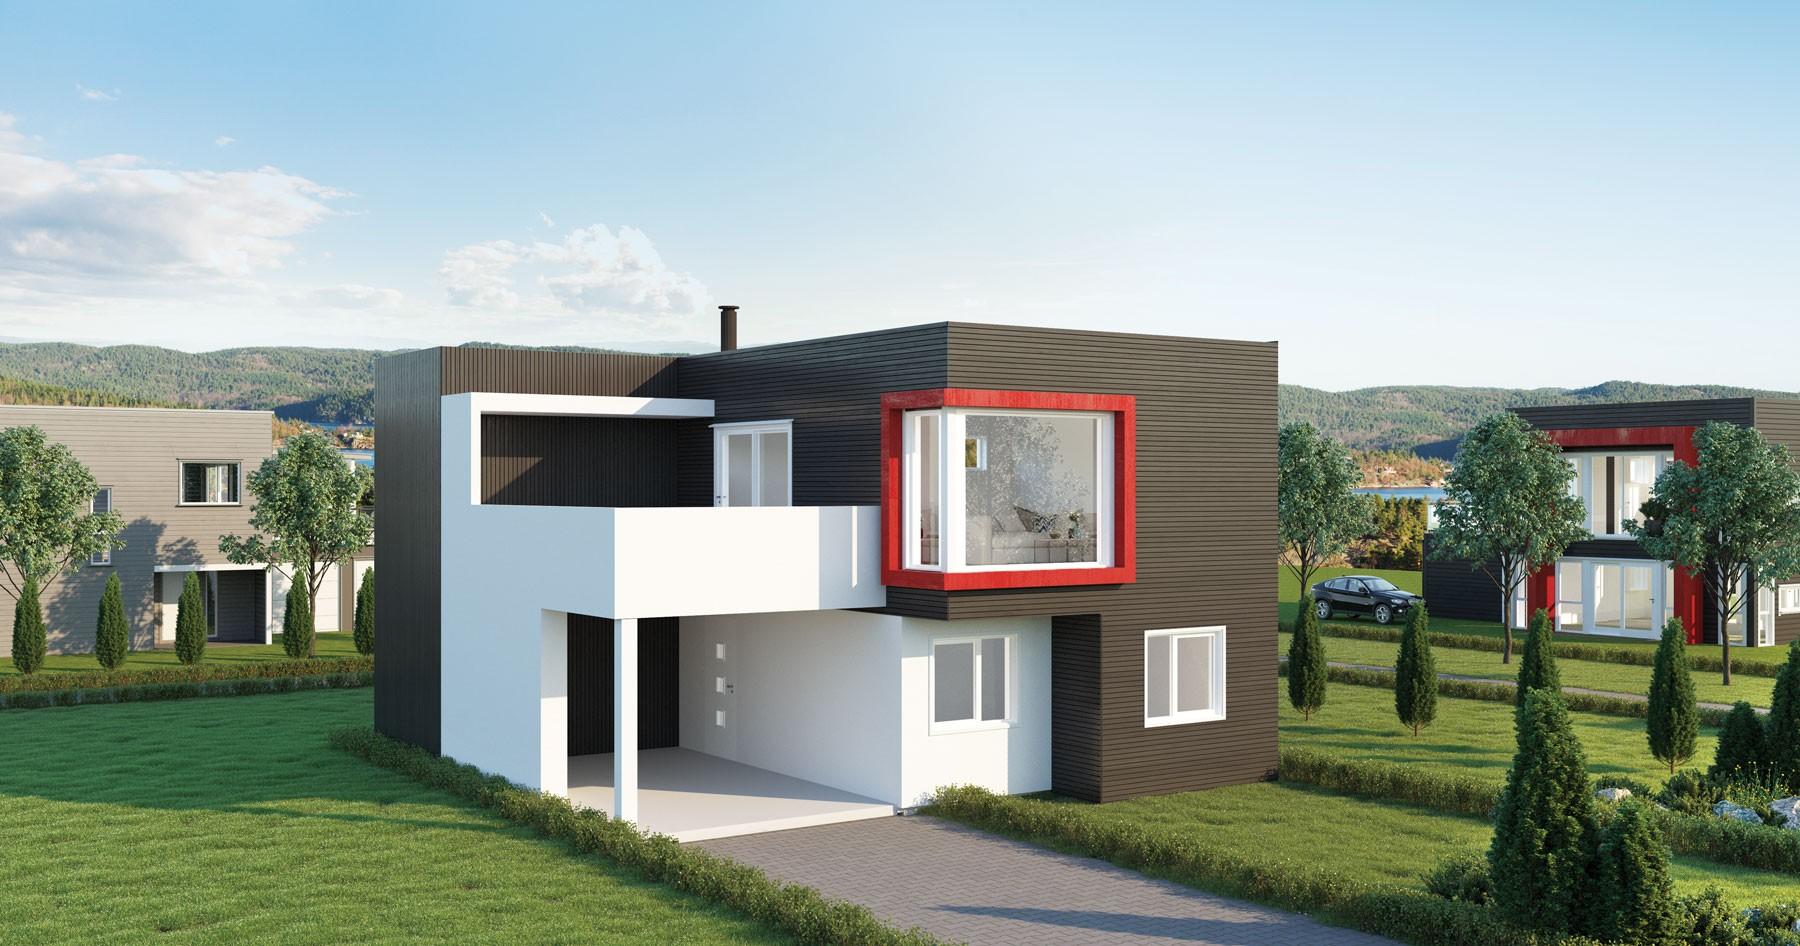 Kompakte hus